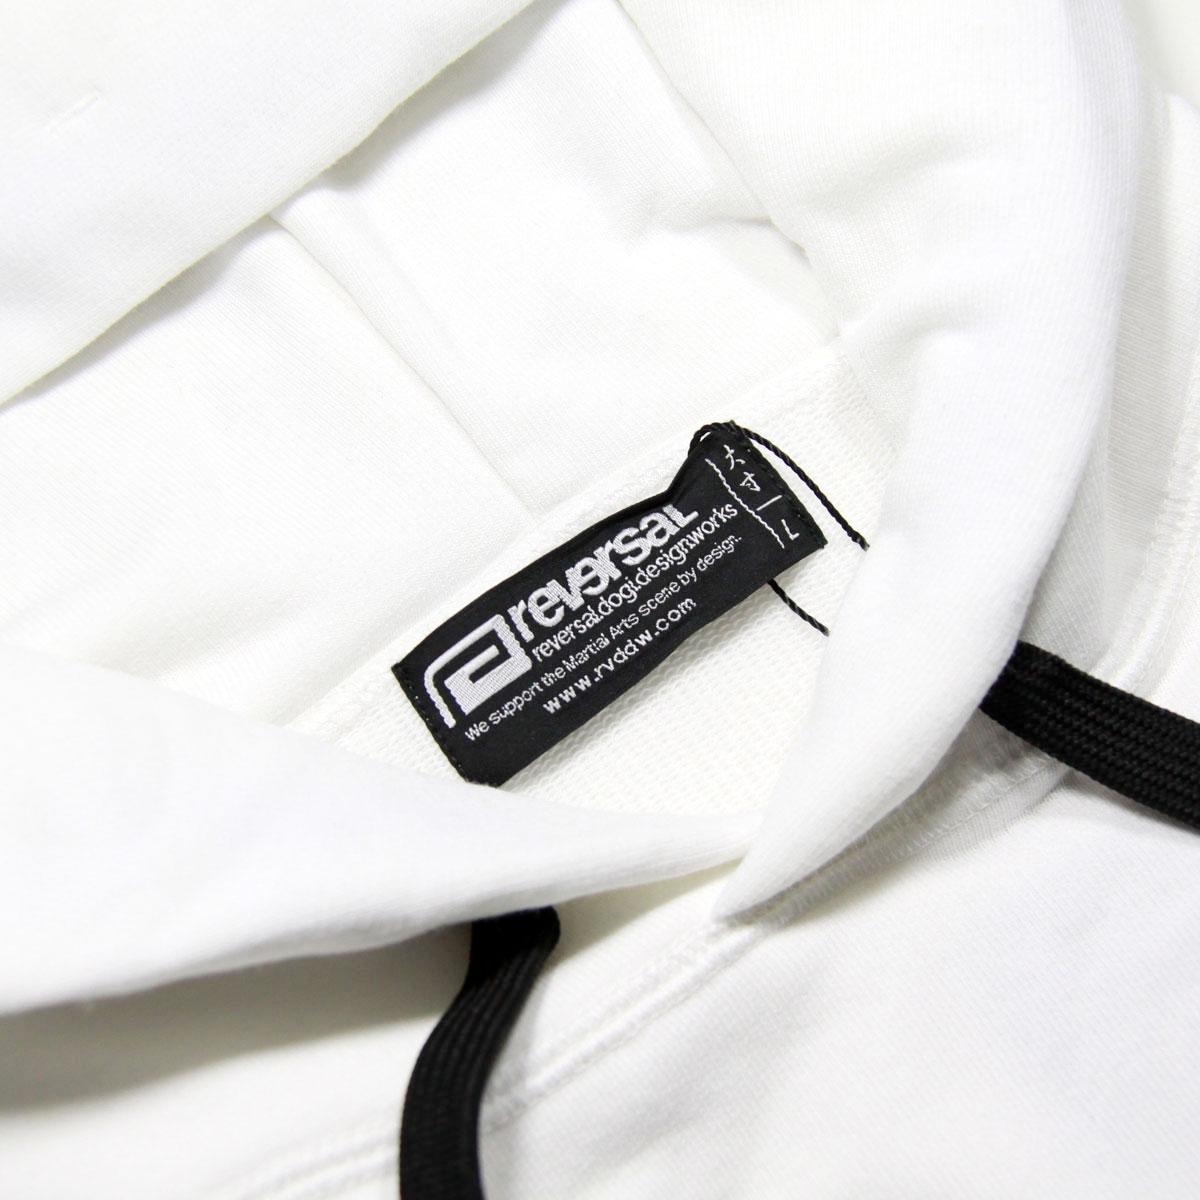 リバーサル パーカー メンズ 正規販売店 REVERSAL ビッグシルエットパーカー プルオーバーパーカー PEs MVS BIG SILHOUETTE PARKA rv21ss201 WHITE A06B B1C C1D D5E E01F